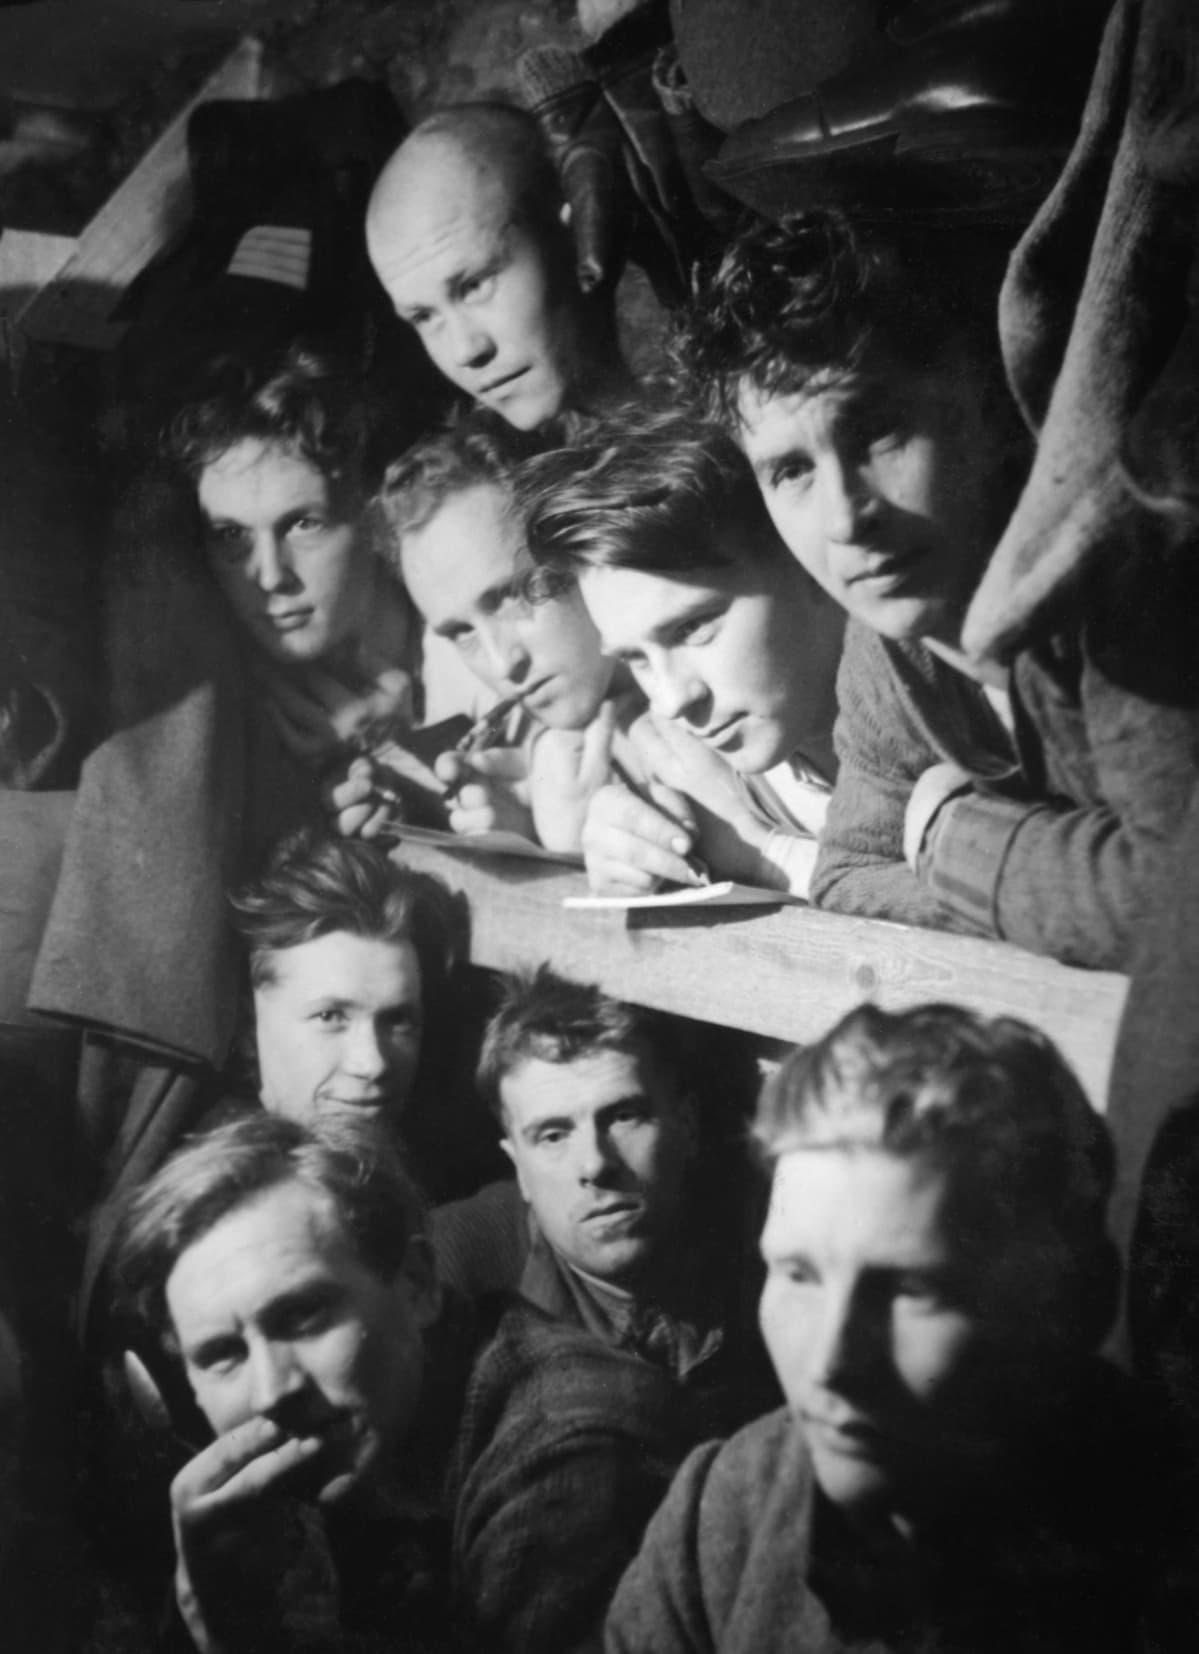 Yhdeksän sotilasta ahtaa kasvonsa samaan korsussa otettuun valokuvaan.